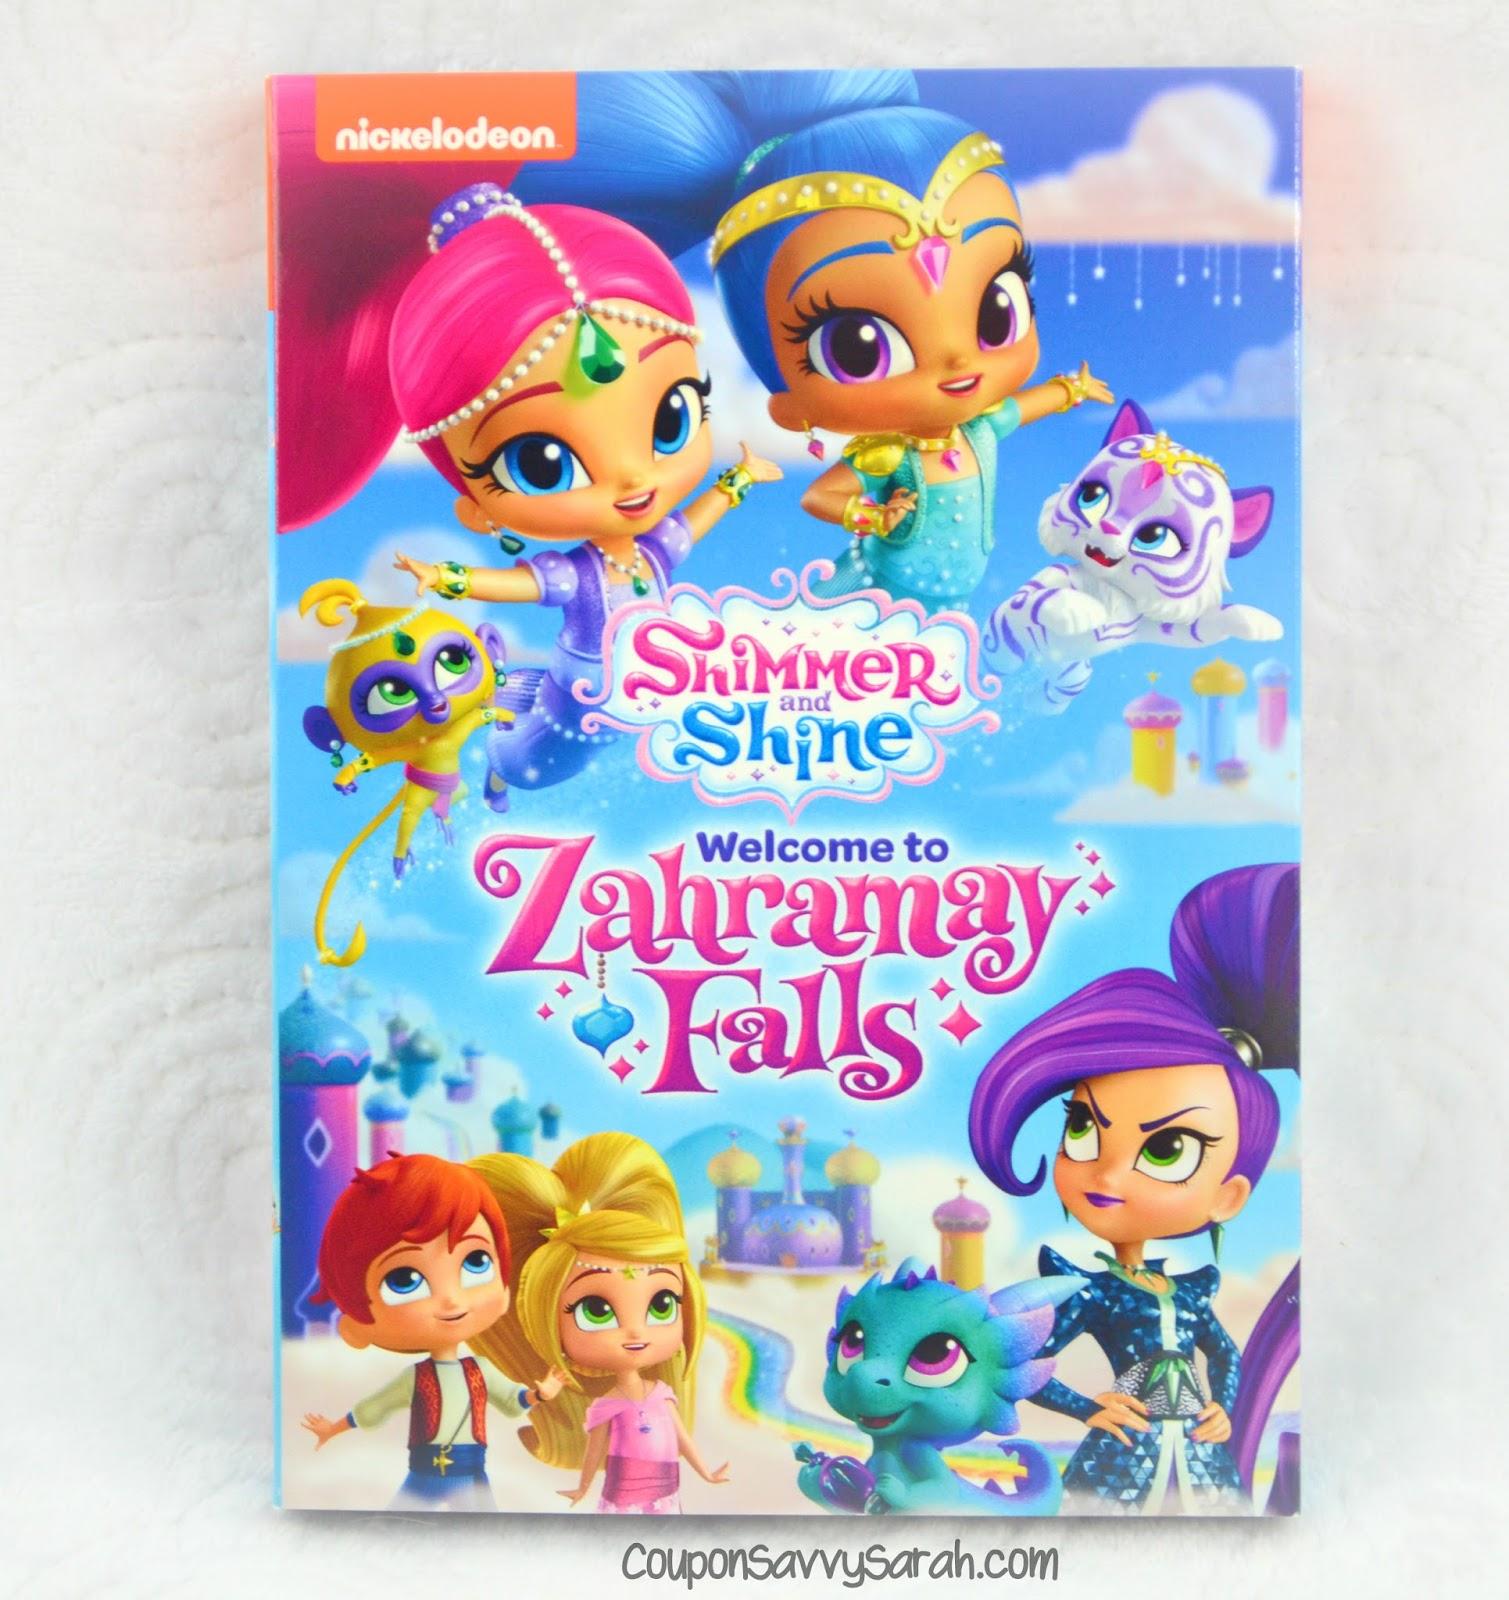 Shine Shimmer Shine: Coupon Savvy Sarah: Nickelodeon's Shimmer And Shine